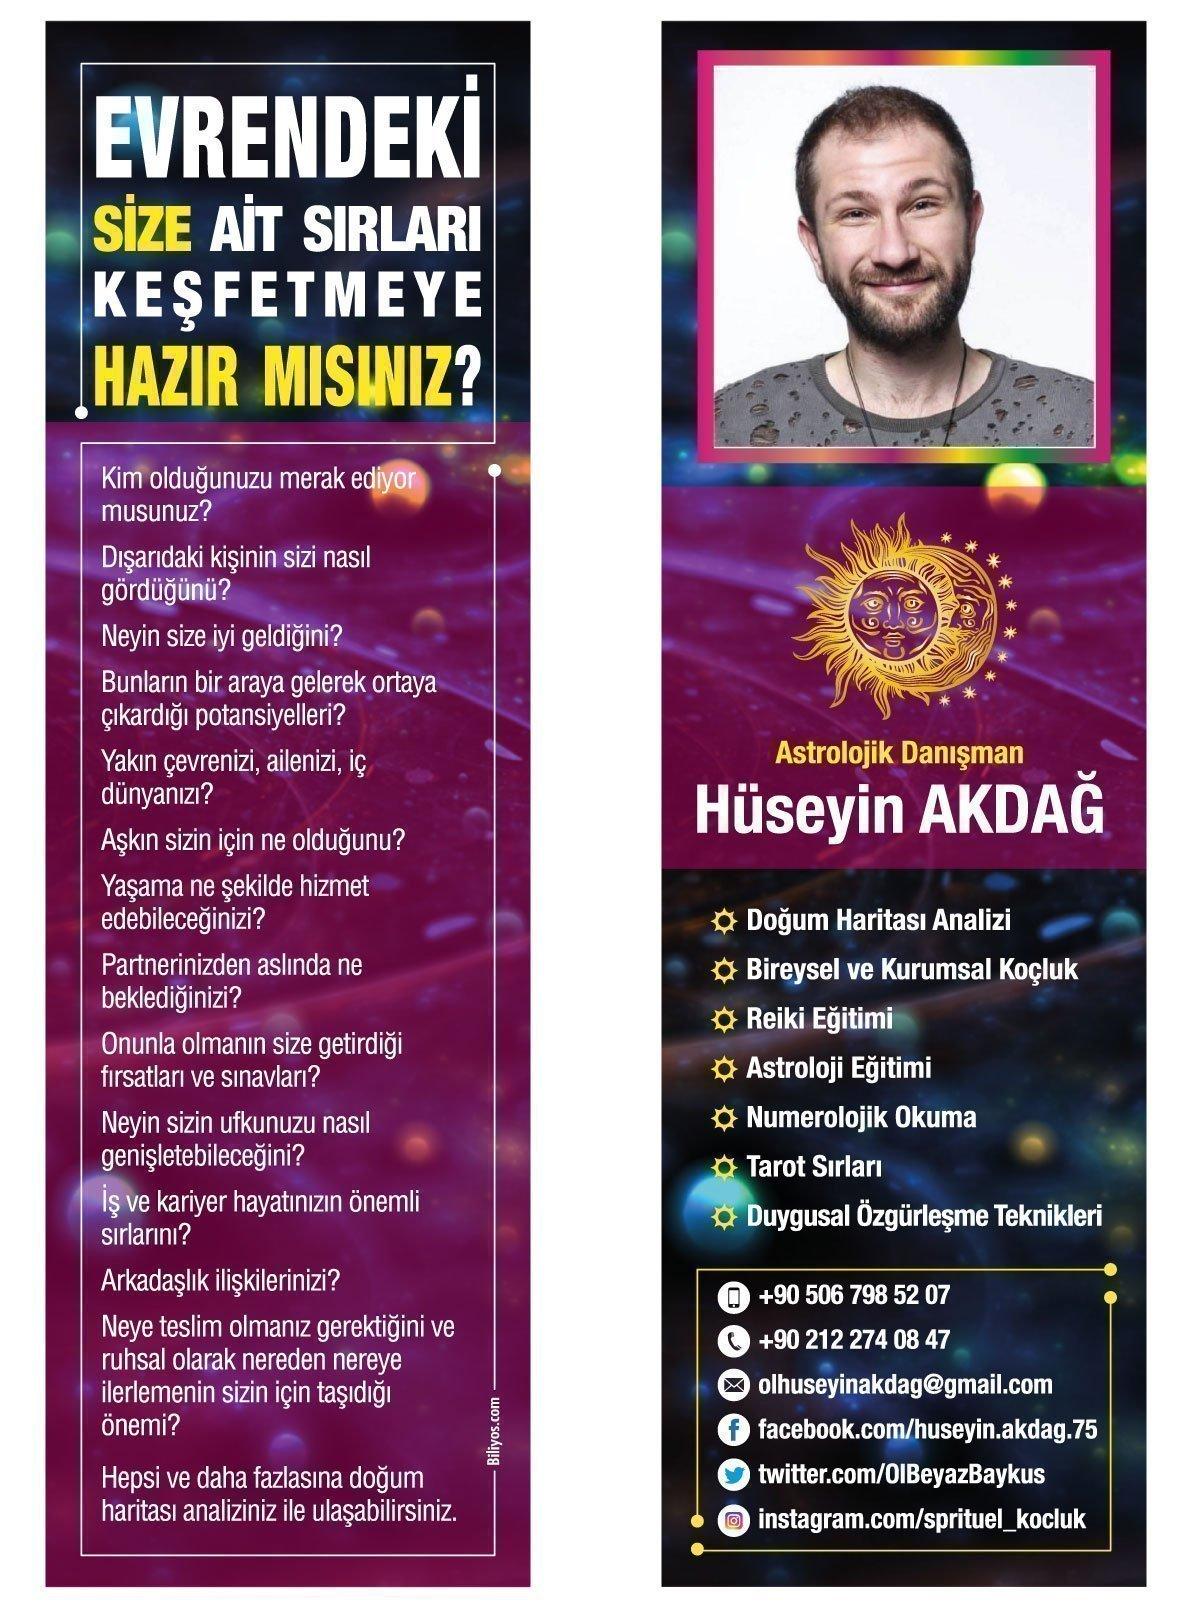 Kitap Ayracı Astrolog Danışman Hüseyin Akdağ